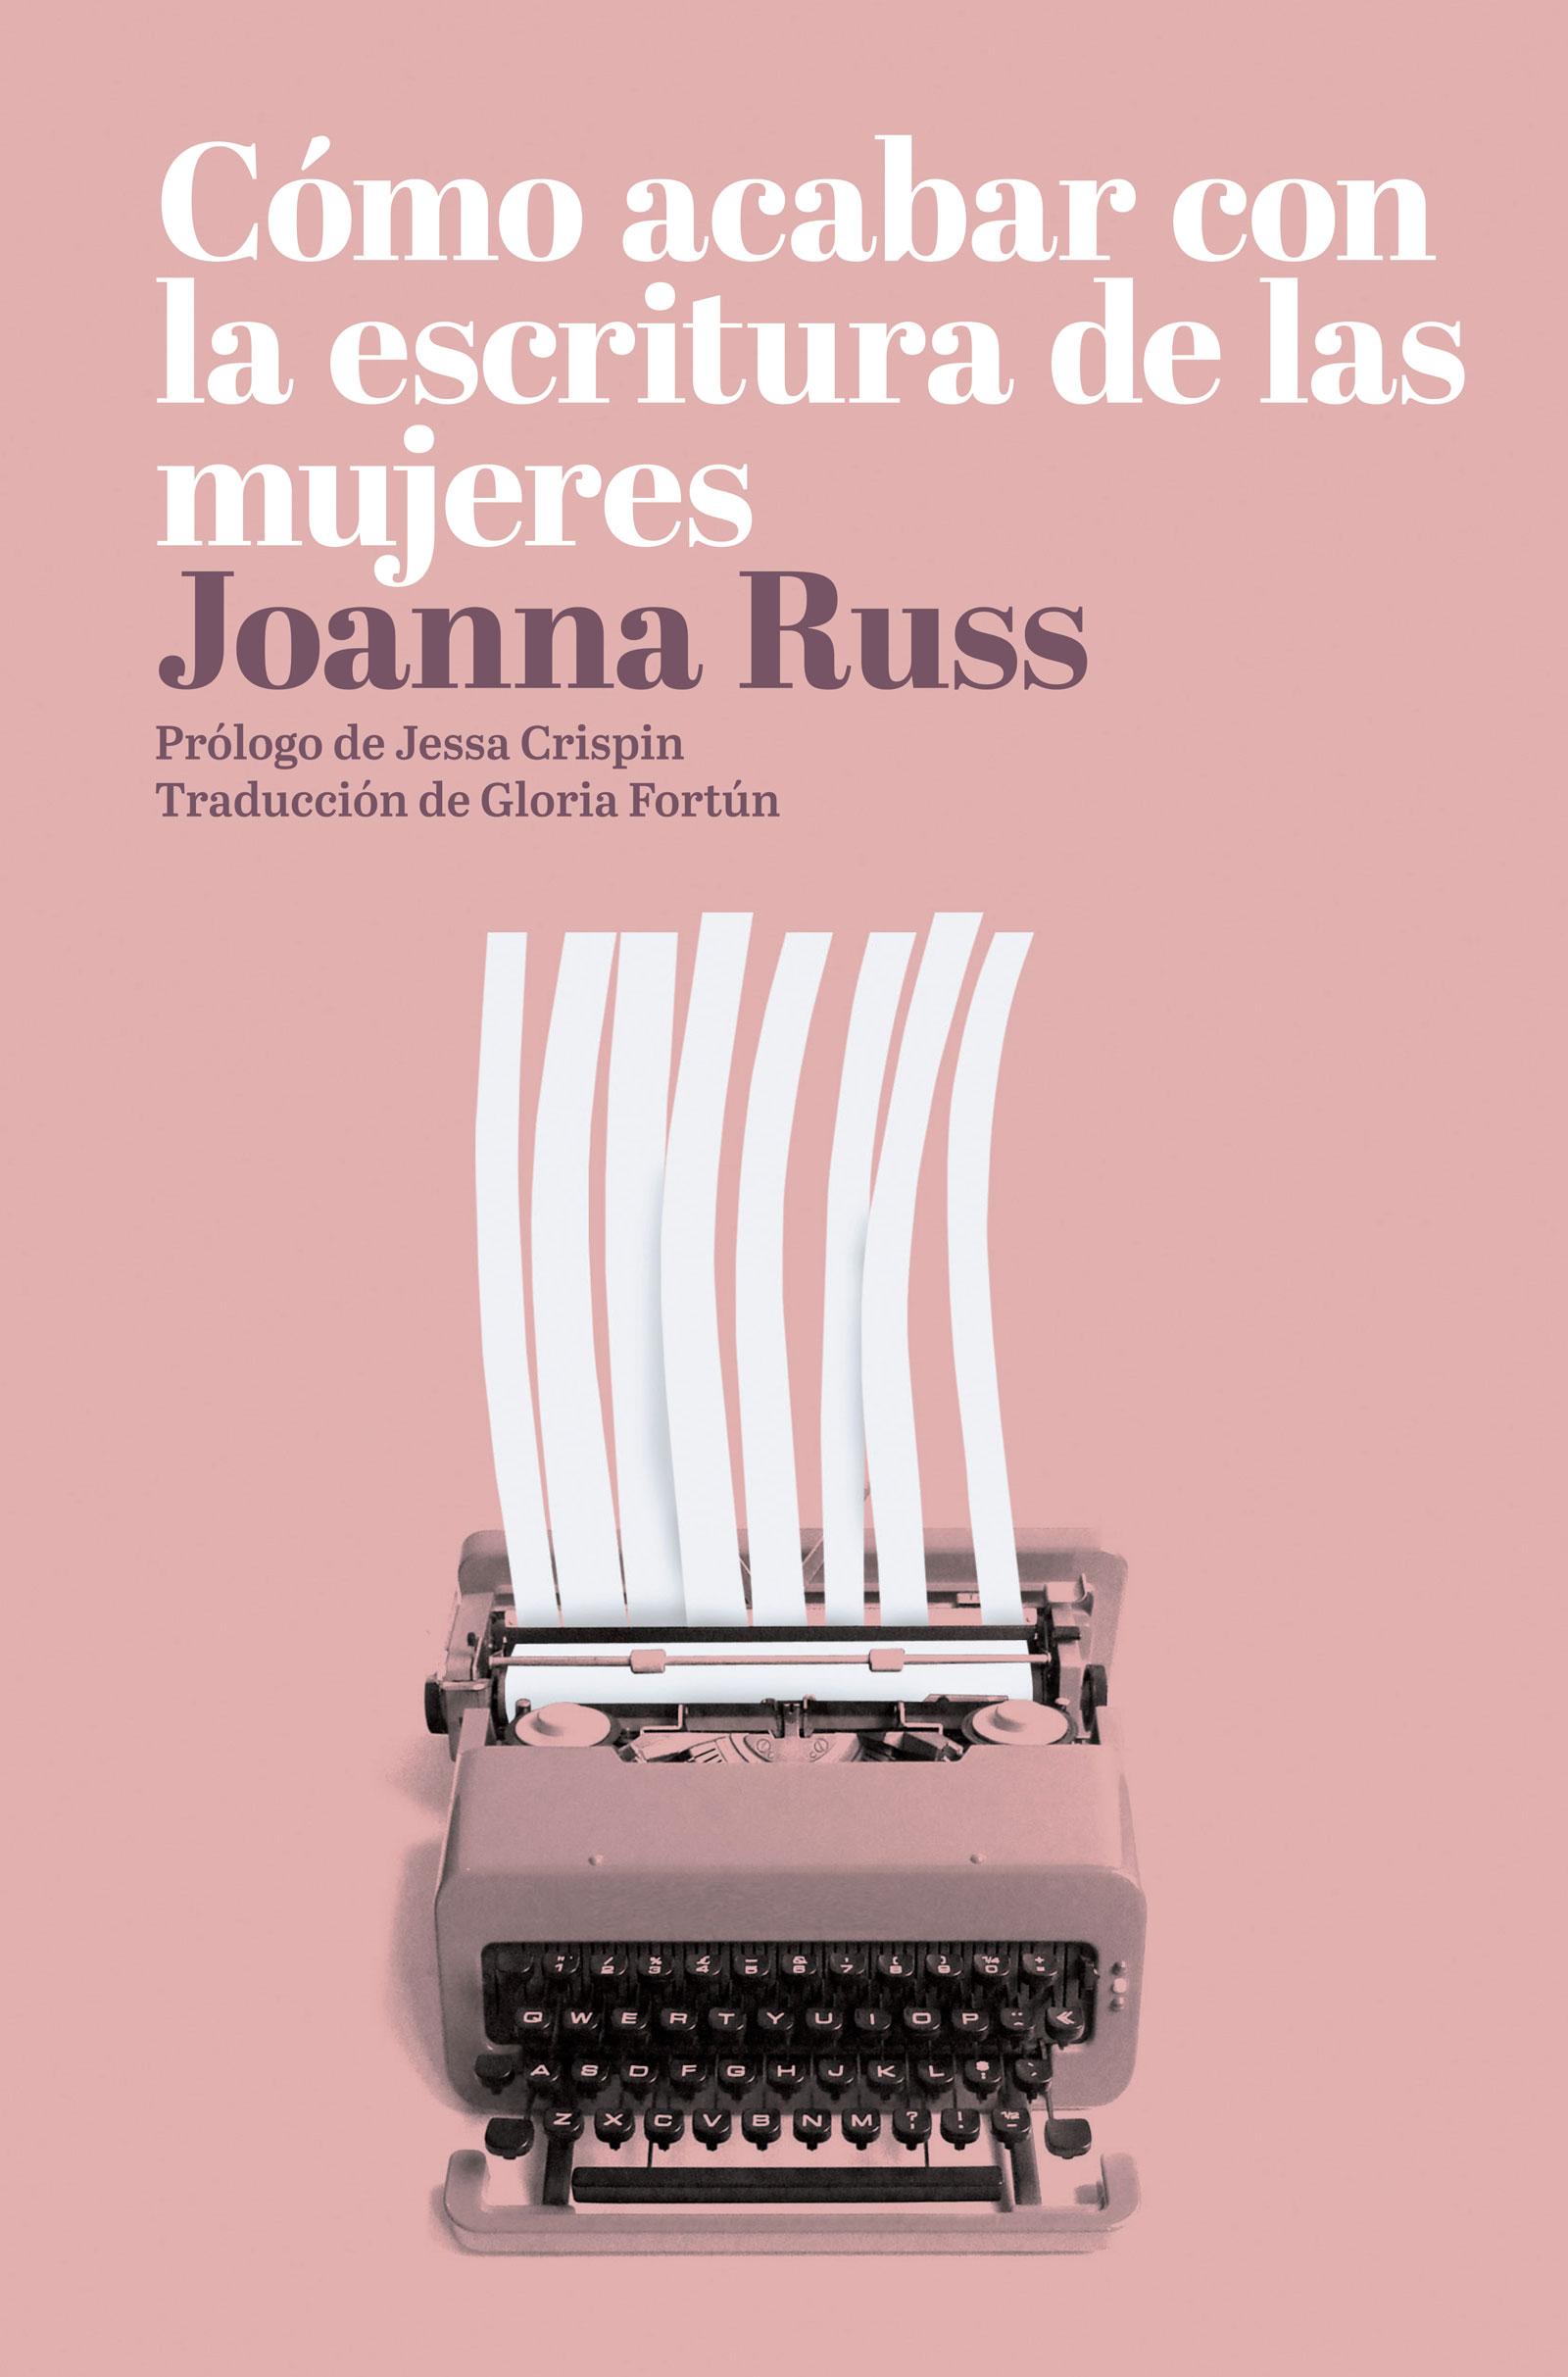 Joanna Russ - Mujeres que escriben